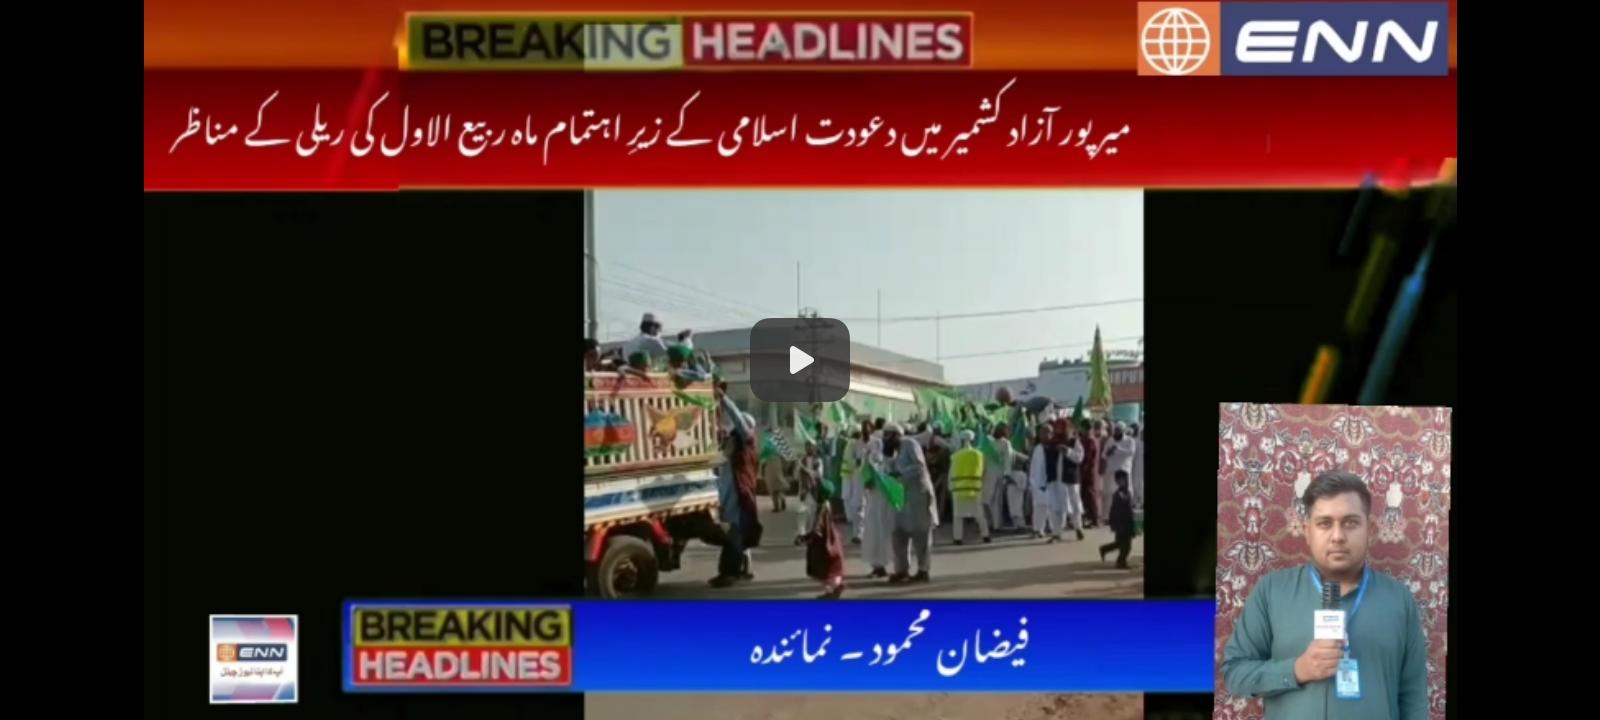 میرپور آزاد کشمیر میں دعودت اسلامی کے زیرِ اہتمام ماہ ربیع الاول کی ریلی کے مناظر